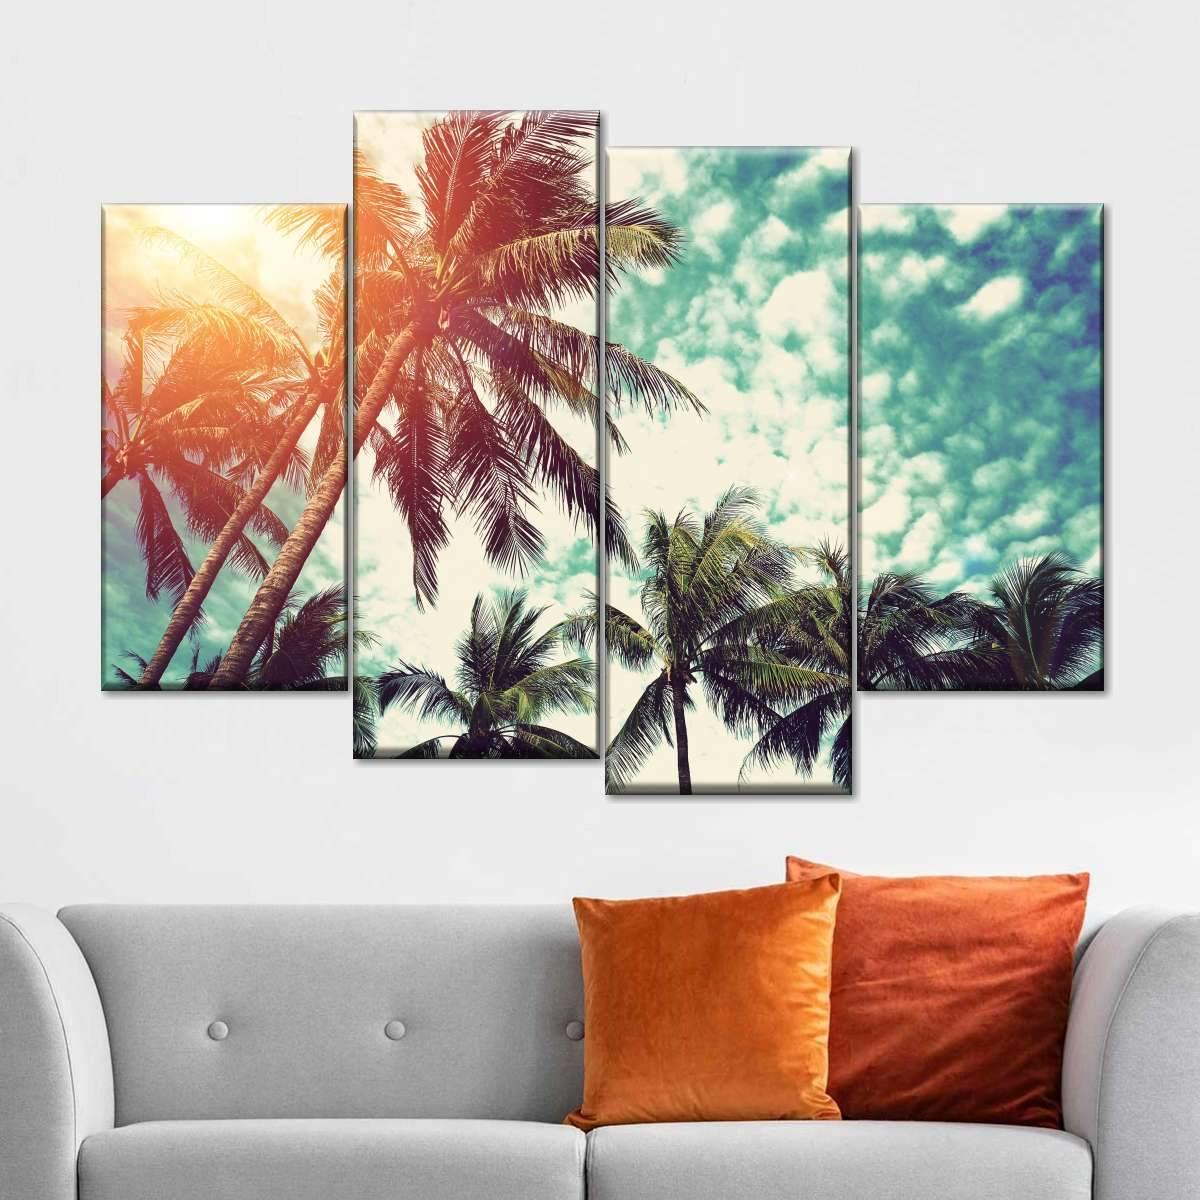 Cloudy Beach Sky Multi Panel Canvas Wall Art